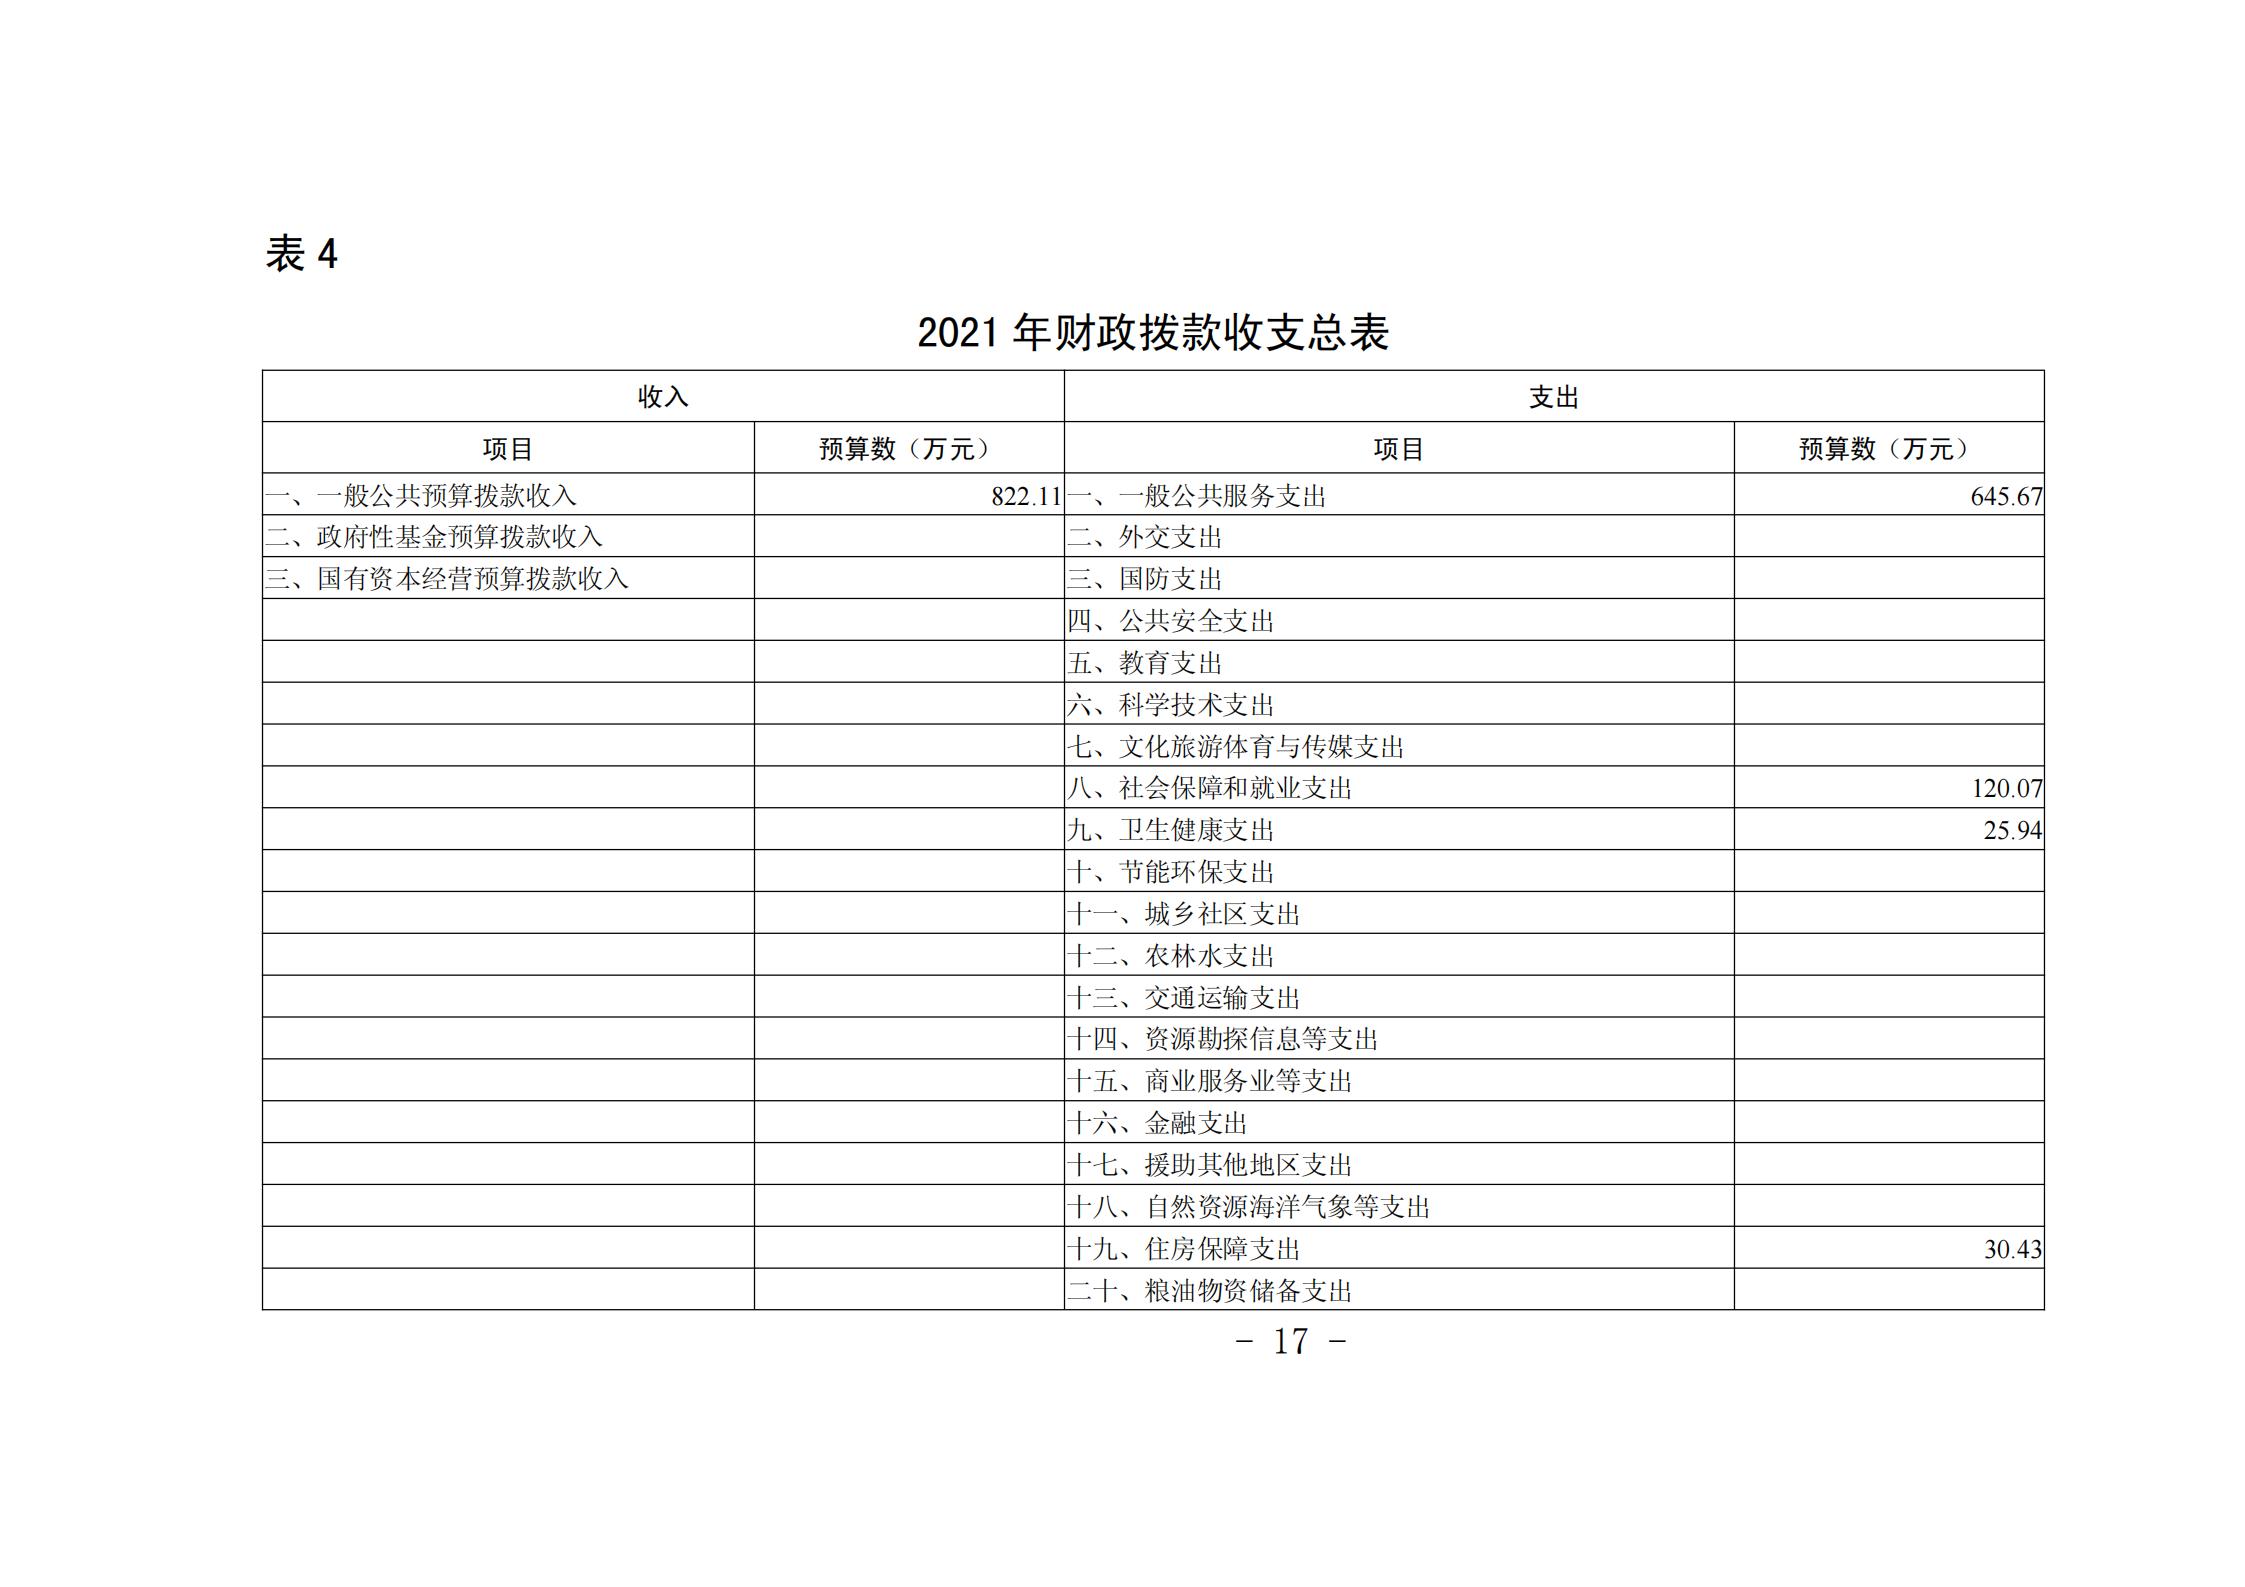 """贵阳市青少年宫2021年度市级部门预算、""""三公""""经费预算公开说明_16.png"""